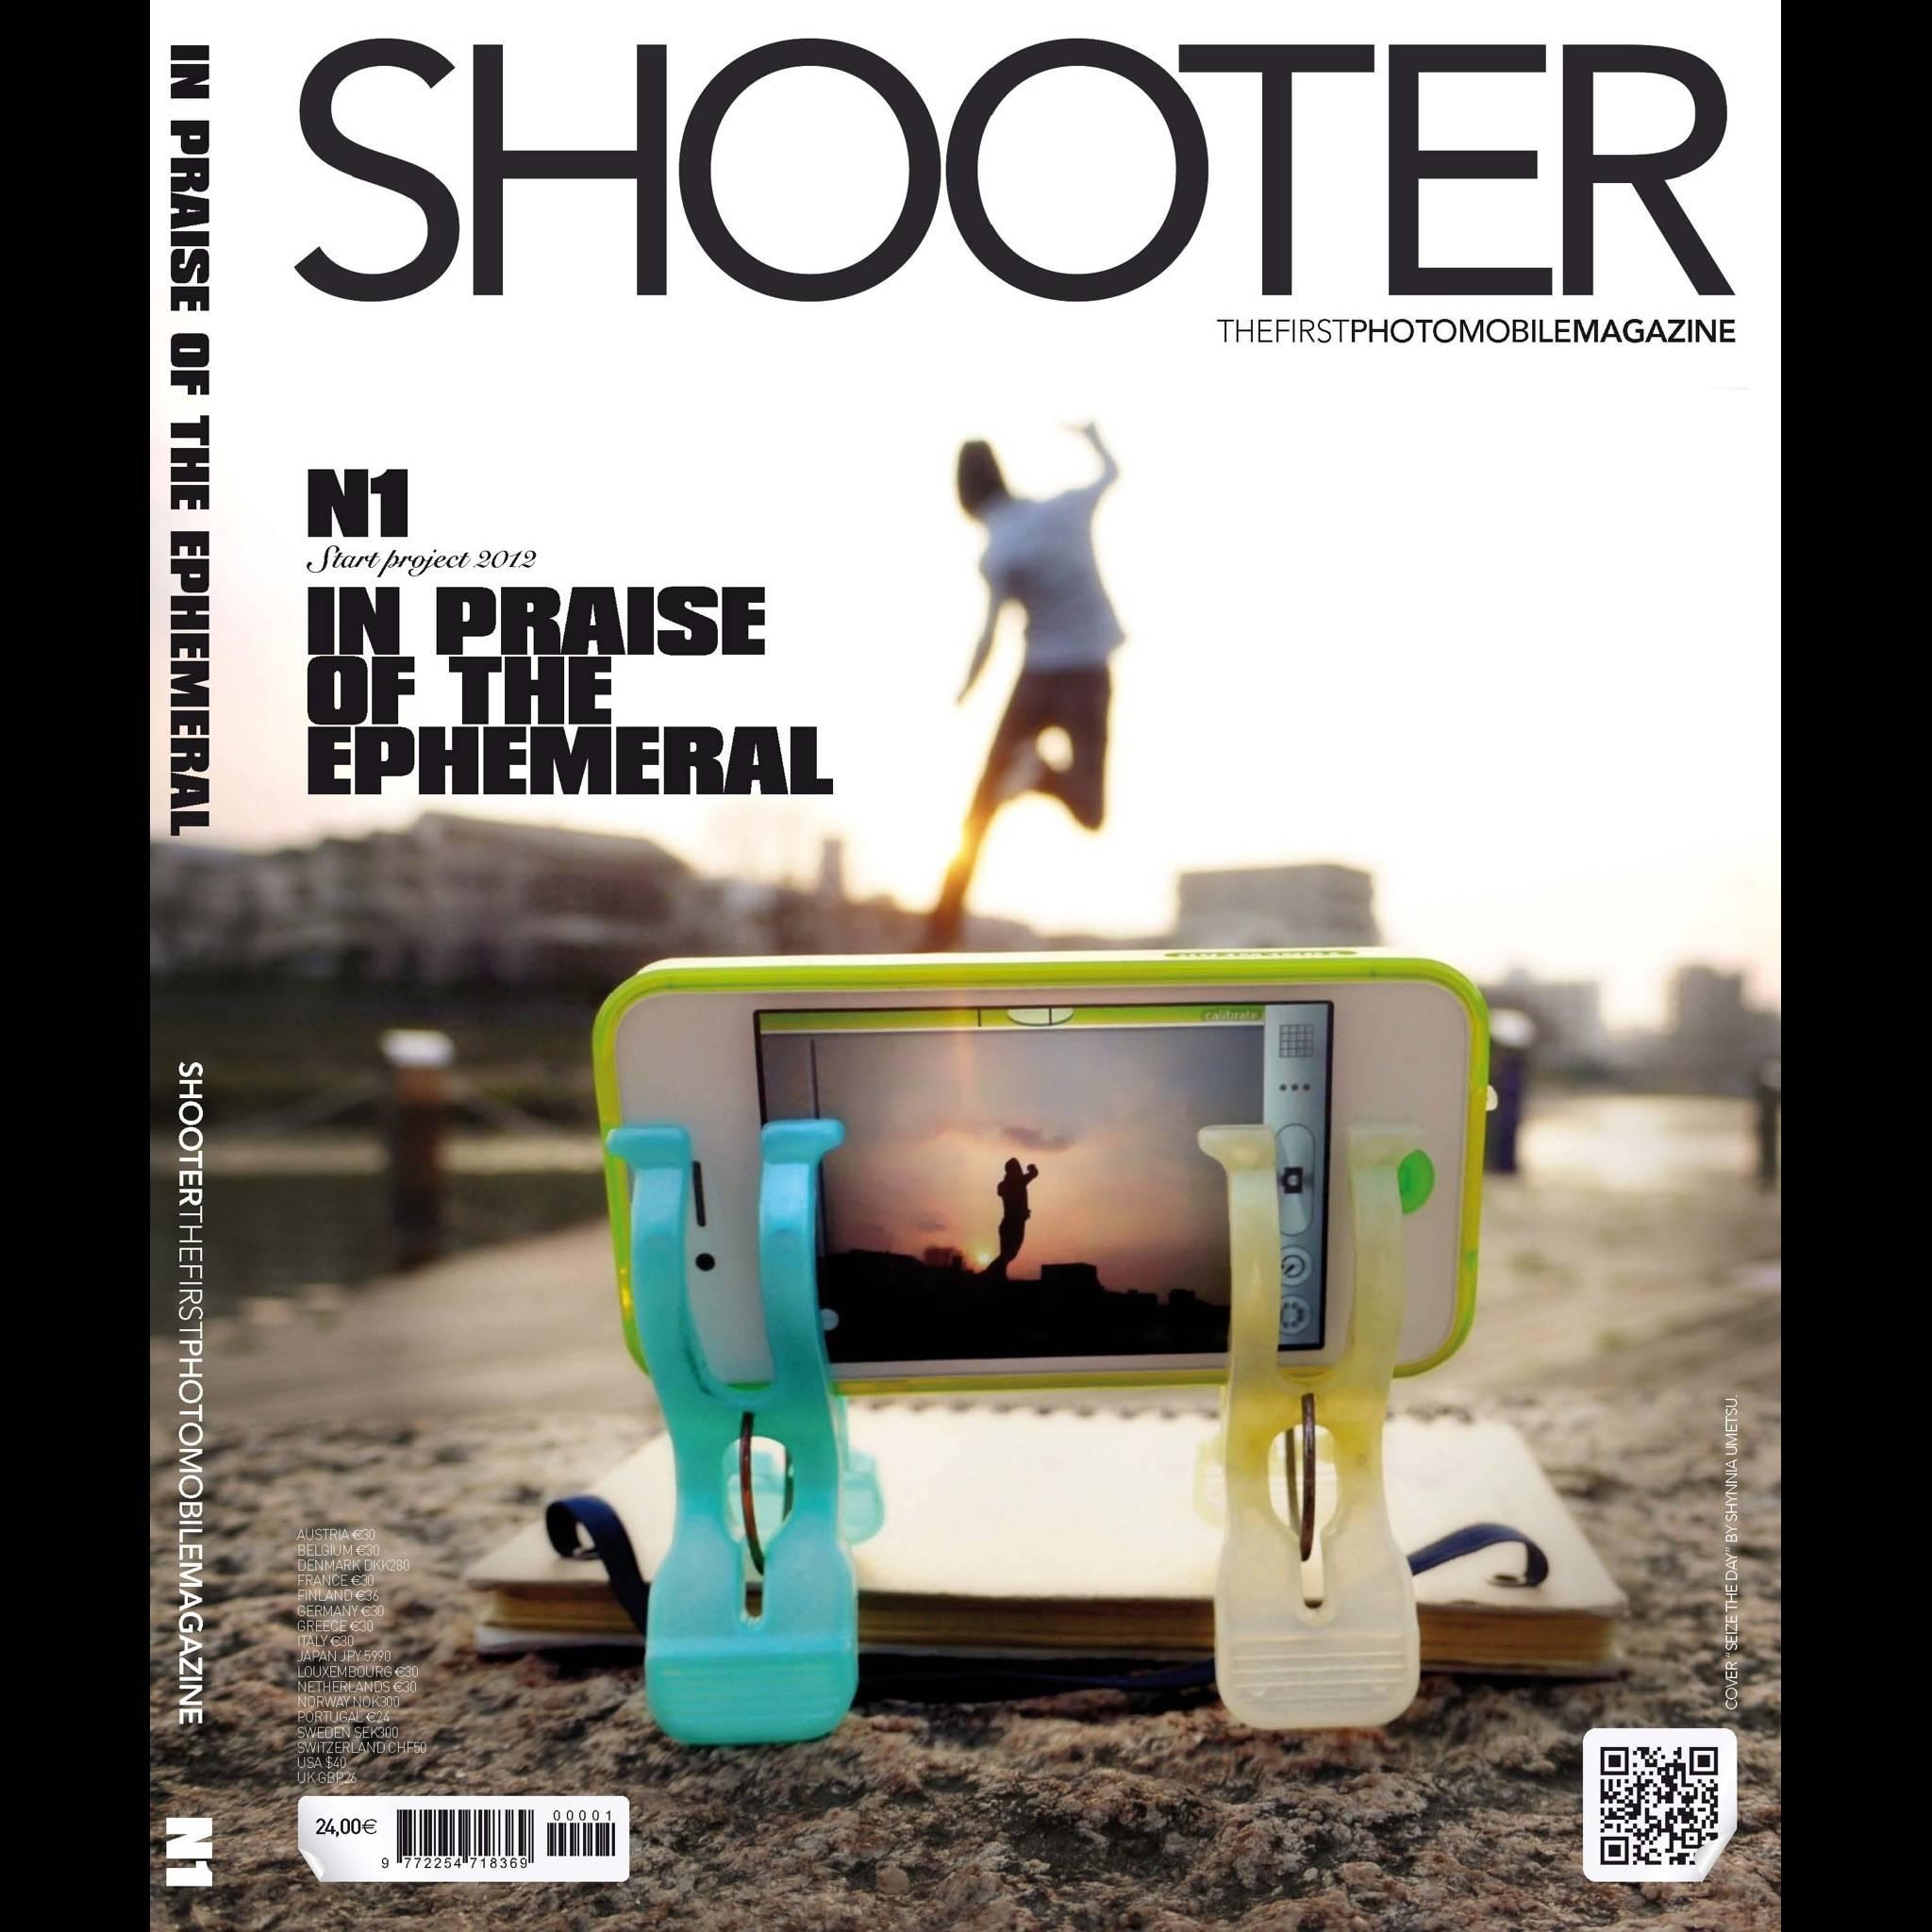 Nace Shooter Magazine, LA Revista para los Amantes de la Fotografía Móvil